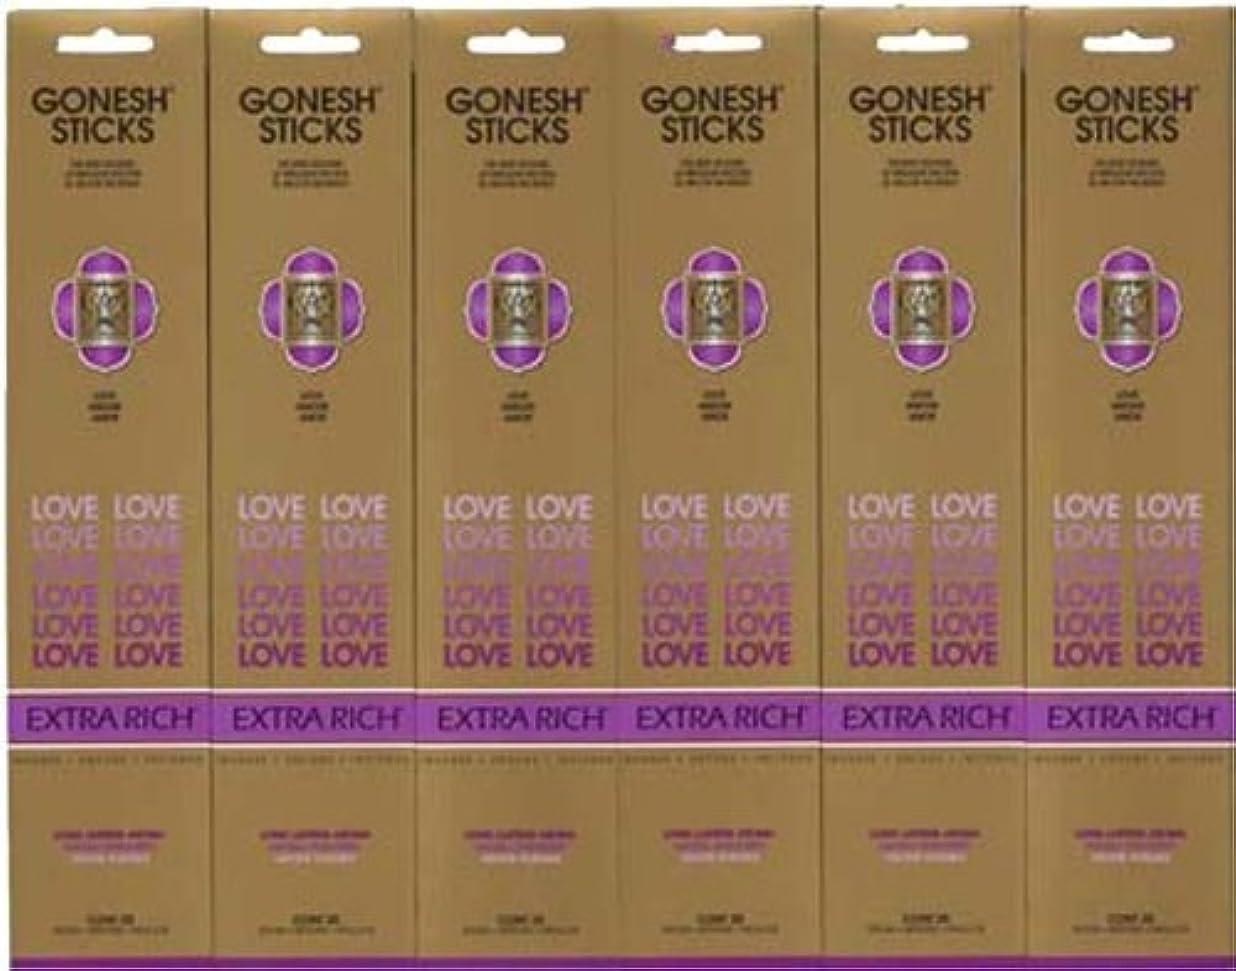 ライセンスすべき中毒GONESH LOVE ラブ スティック 20本入り X 6パック (120本)